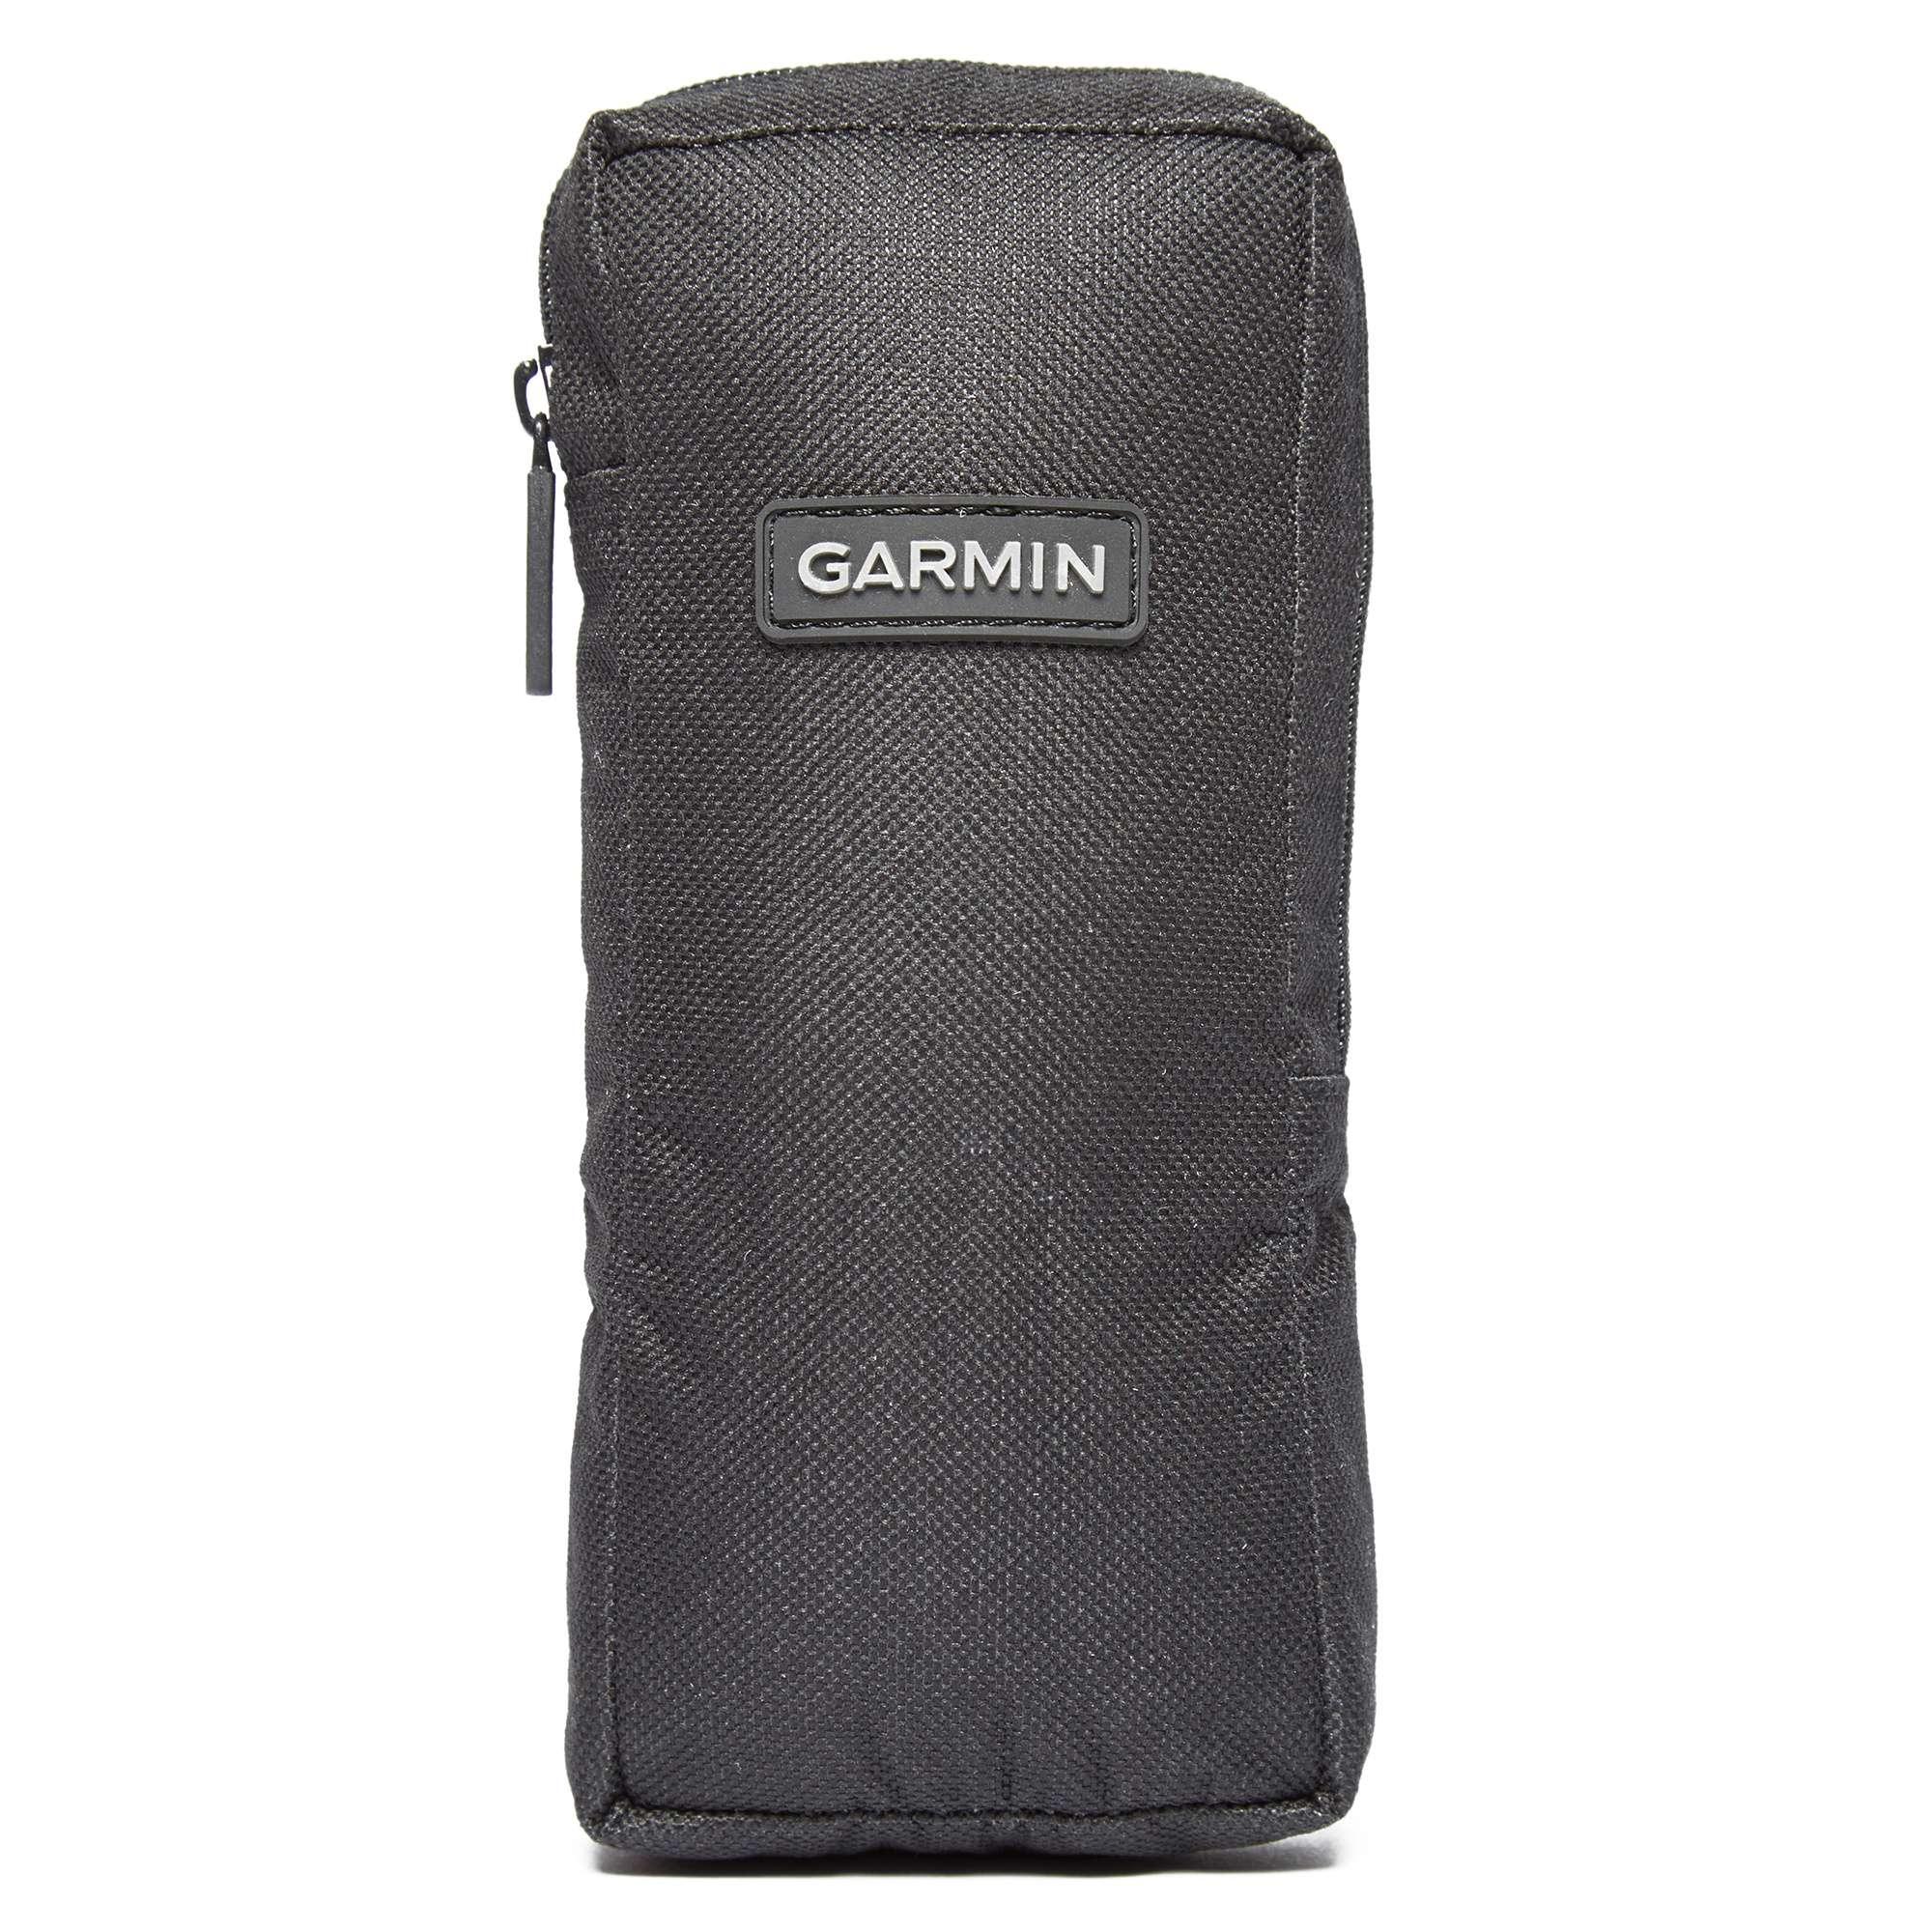 GARMIN Carry Case (Montana & GPSMAP 62)